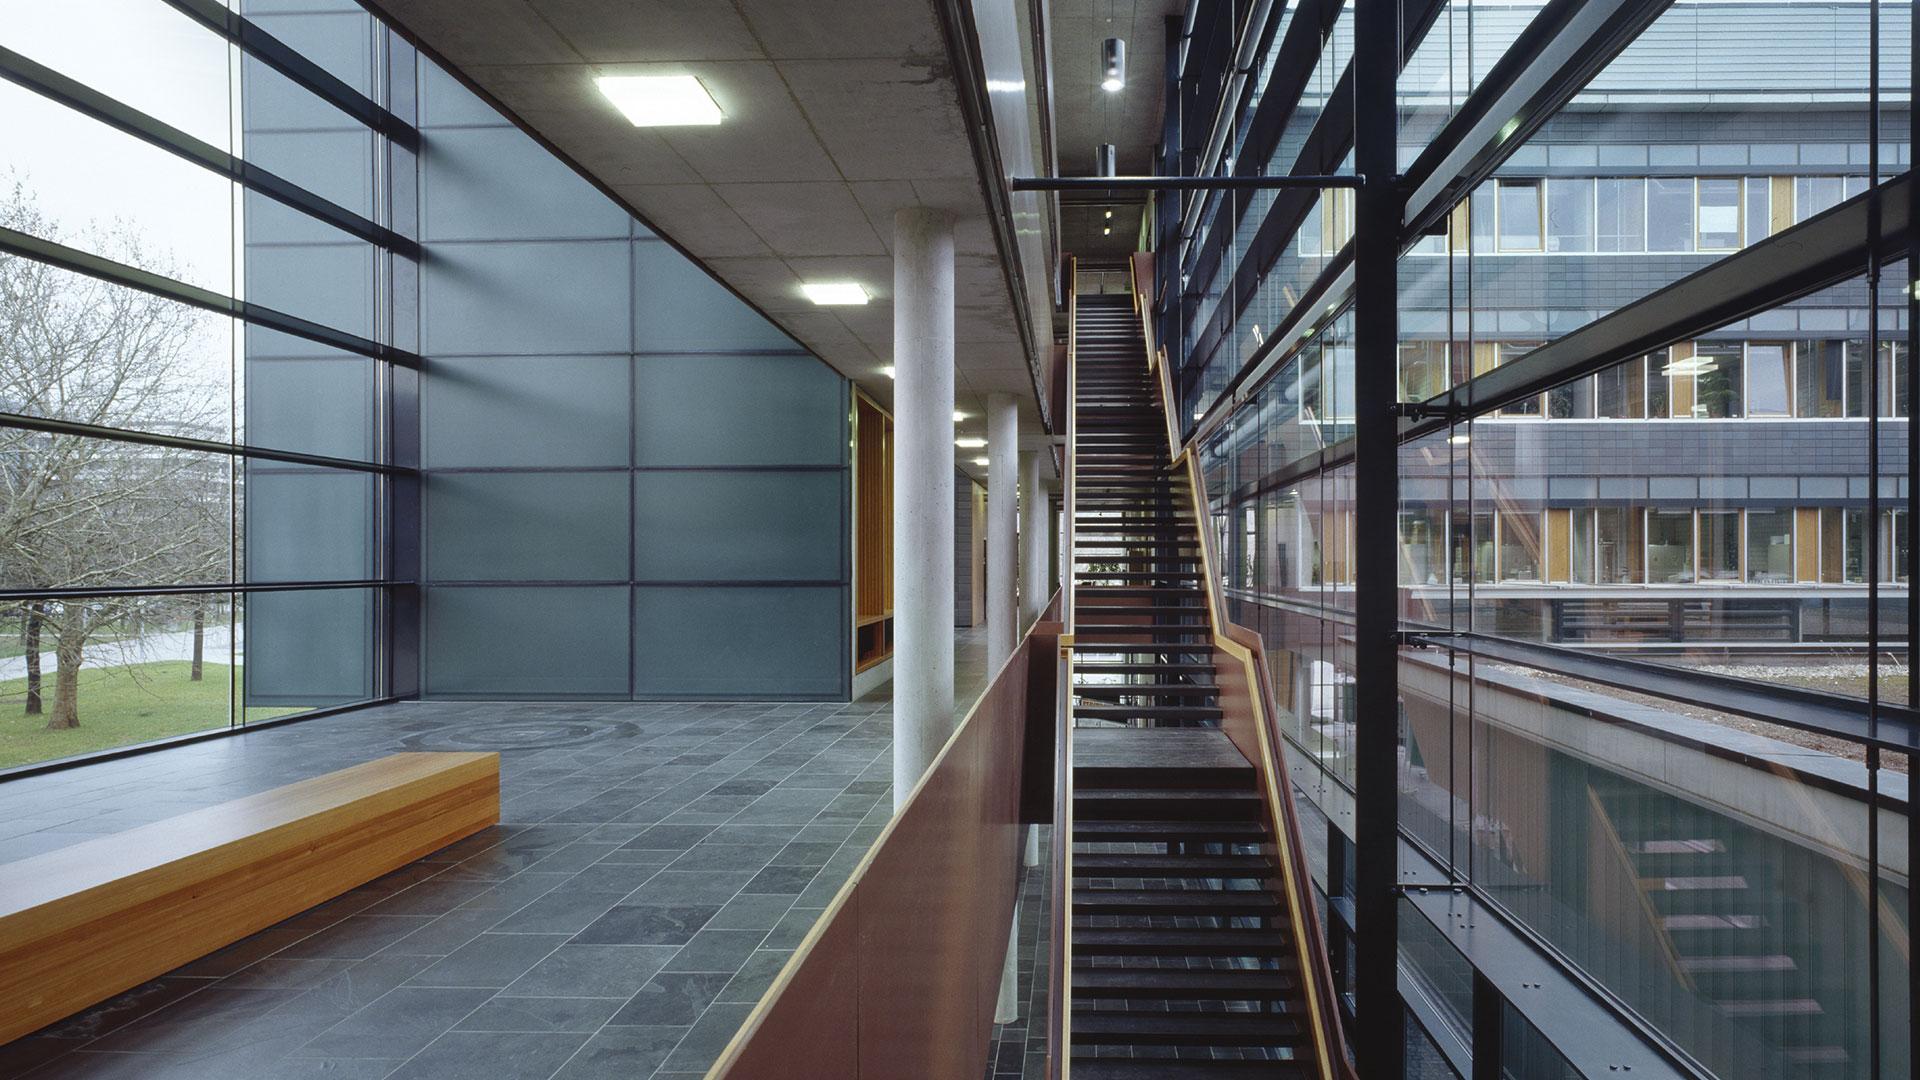 Kirchhoff Institut Für Physik 2 - ArGe Architekten